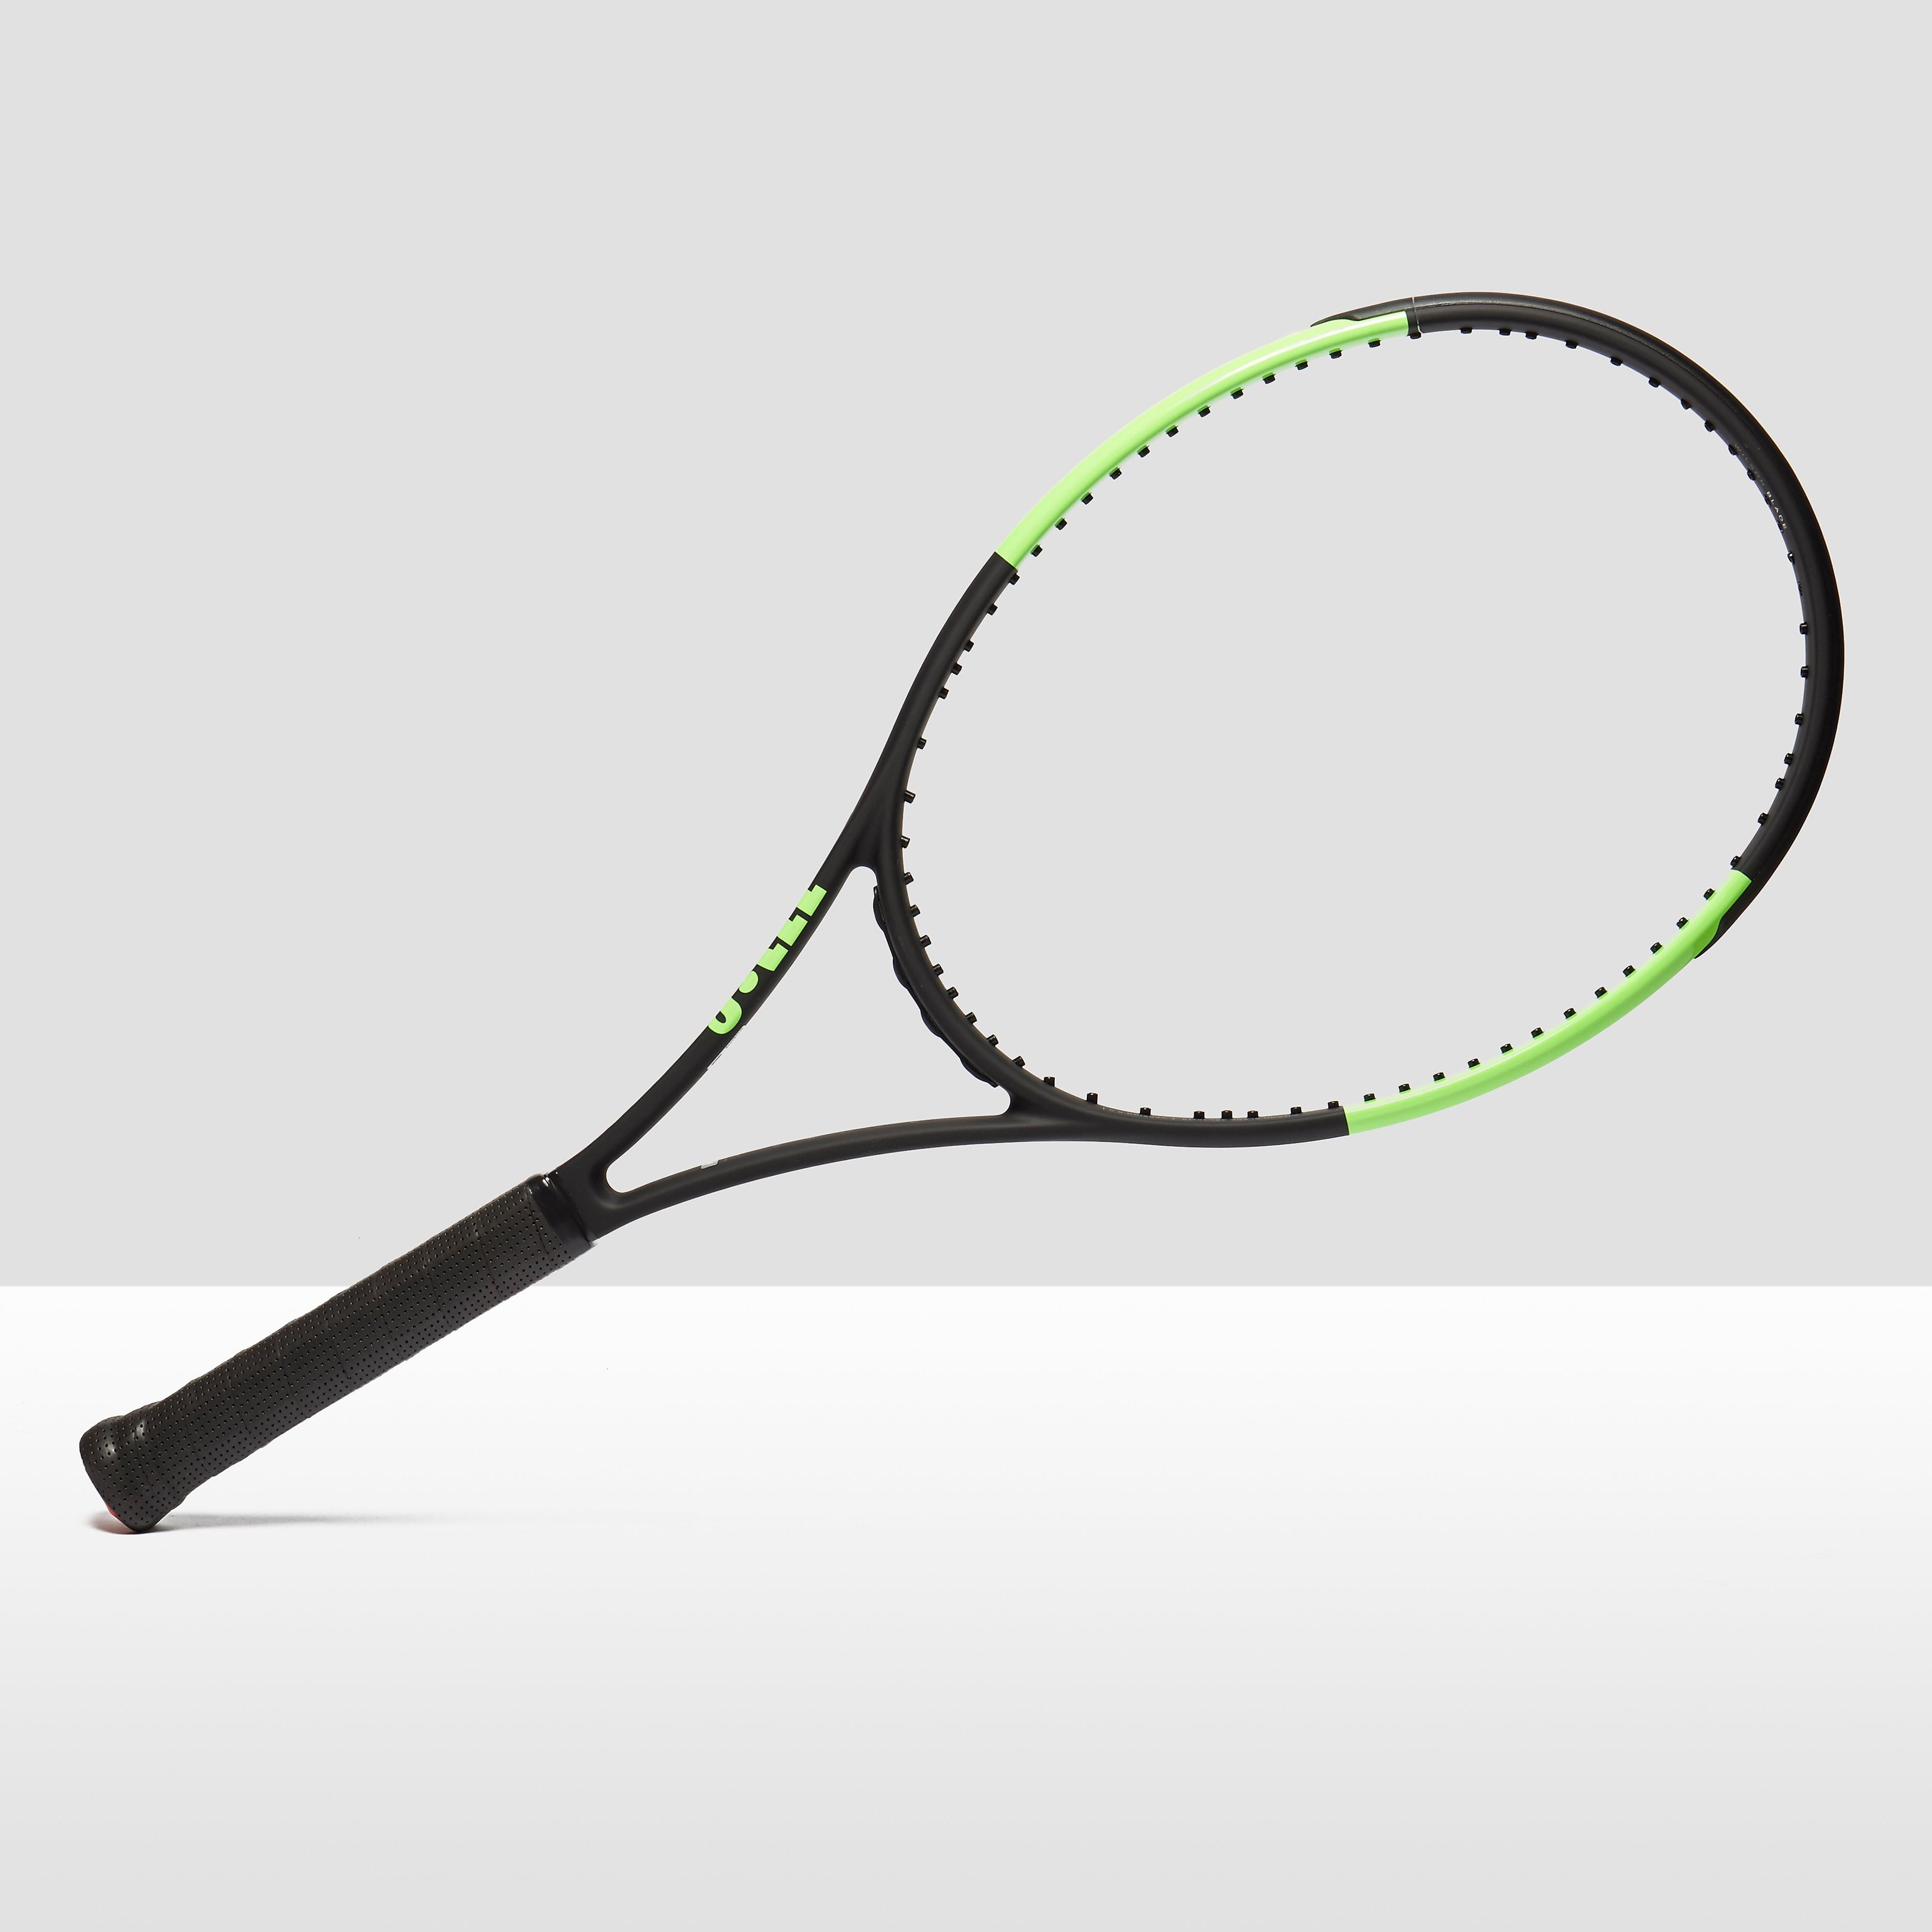 Wilson Blade 98L 16x19 Reverse Tour Tennis Racket